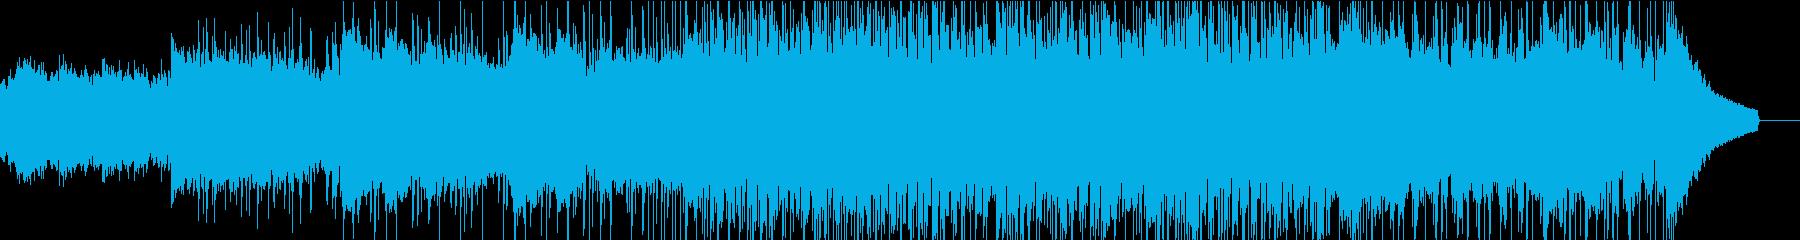 おシャレ不思議な原宿⭐︎ファッション系にの再生済みの波形